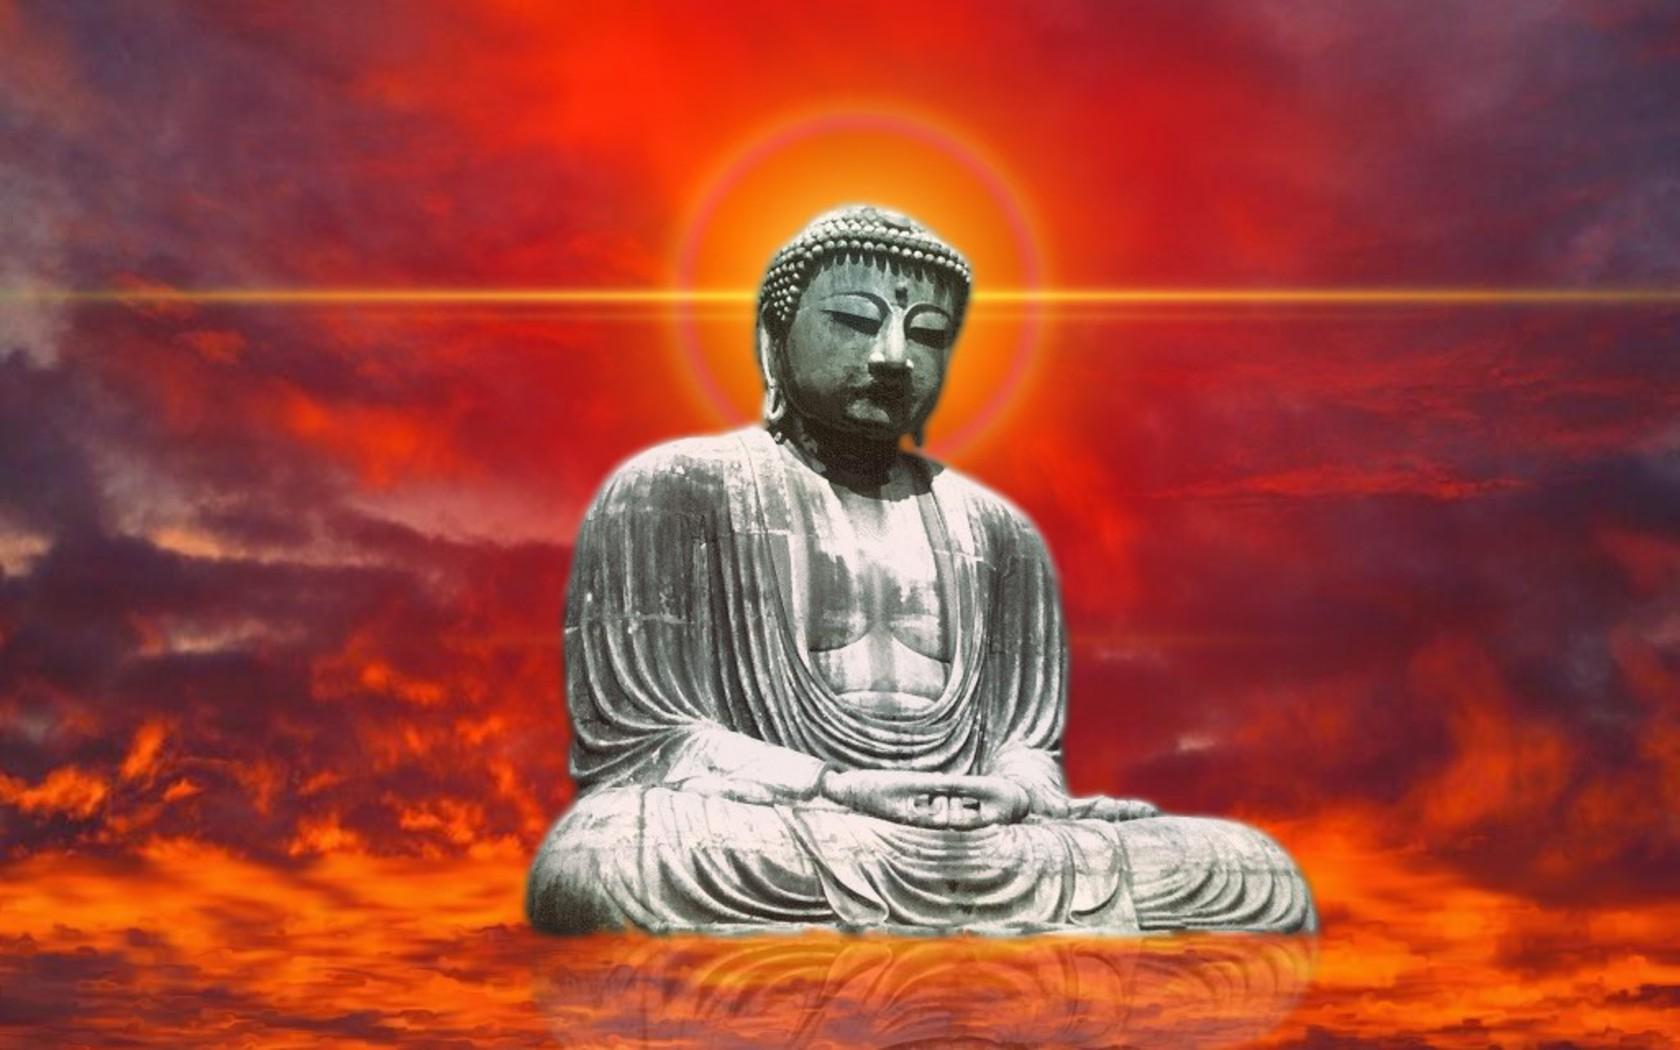 L'apport de la spiritualité sur le bien-être